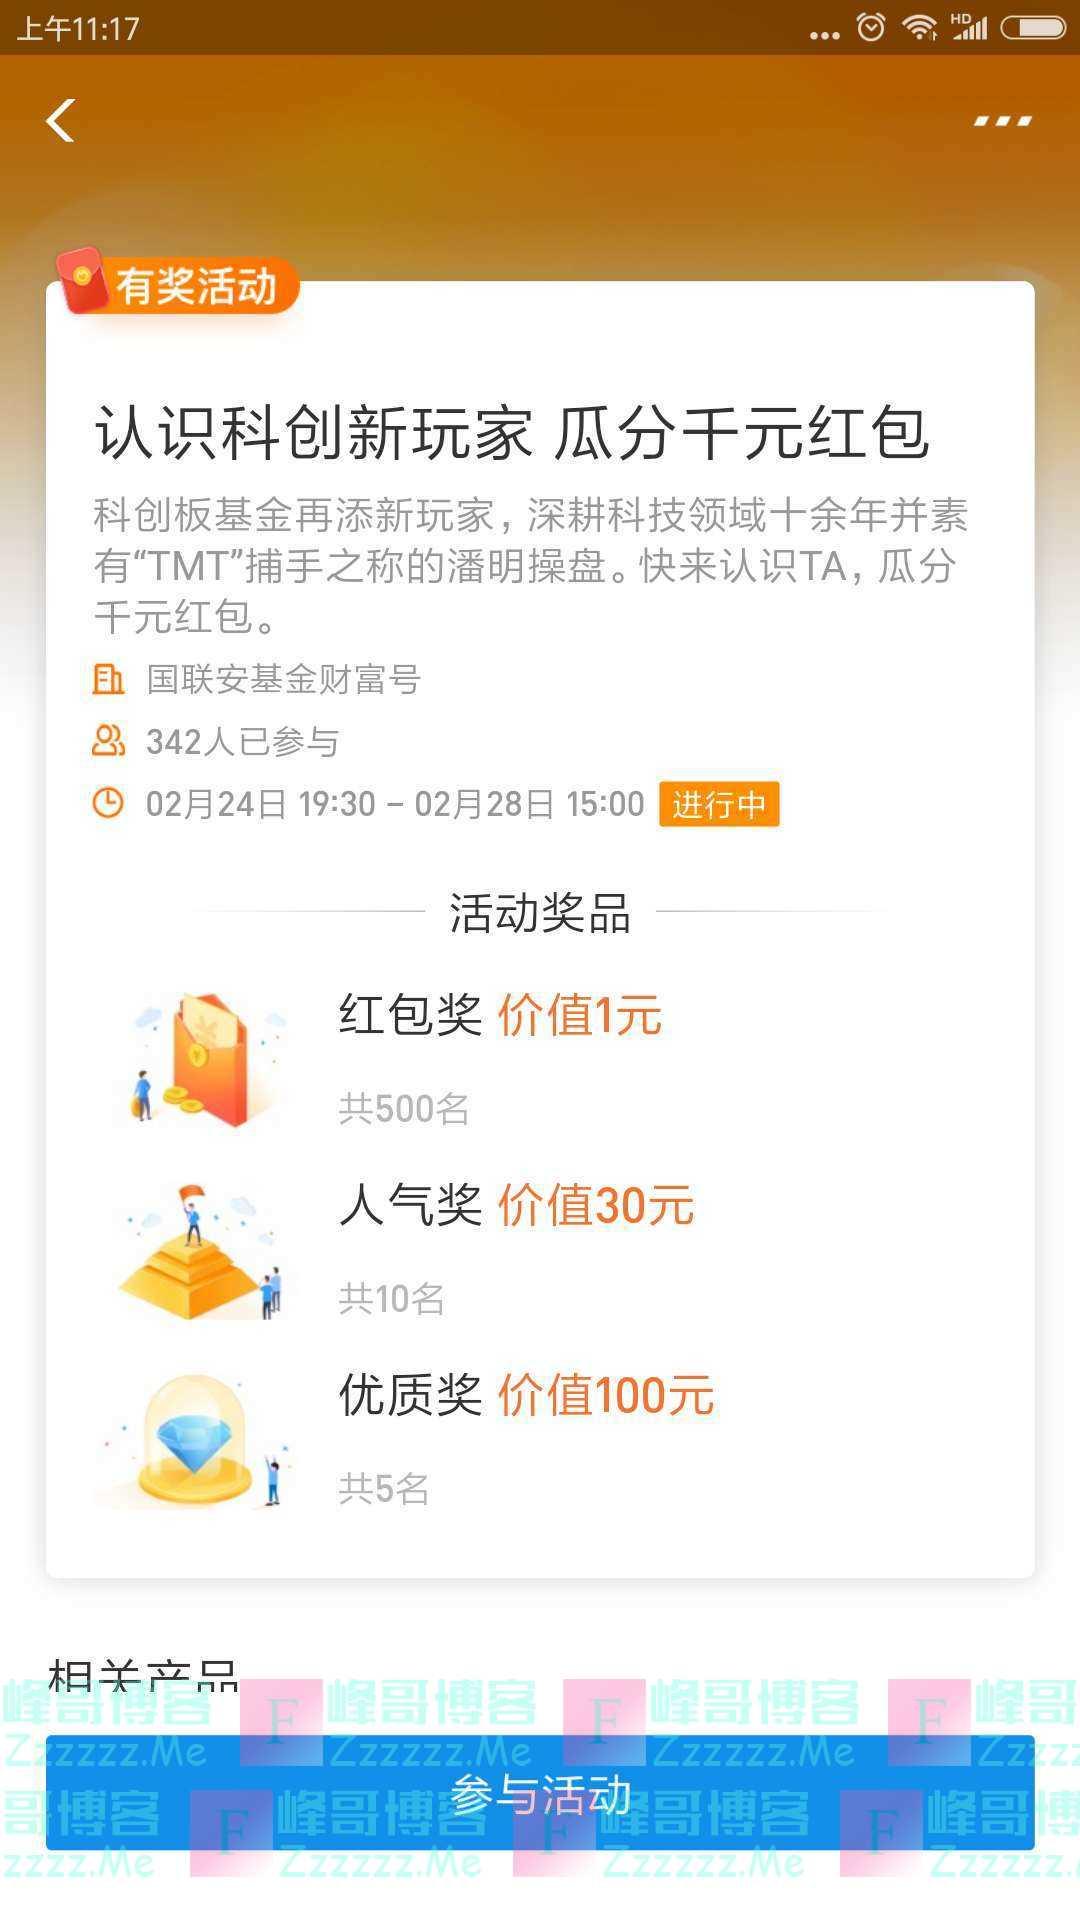 国联安基金认识科创新玩家 瓜分千元红包(截止2月28日)